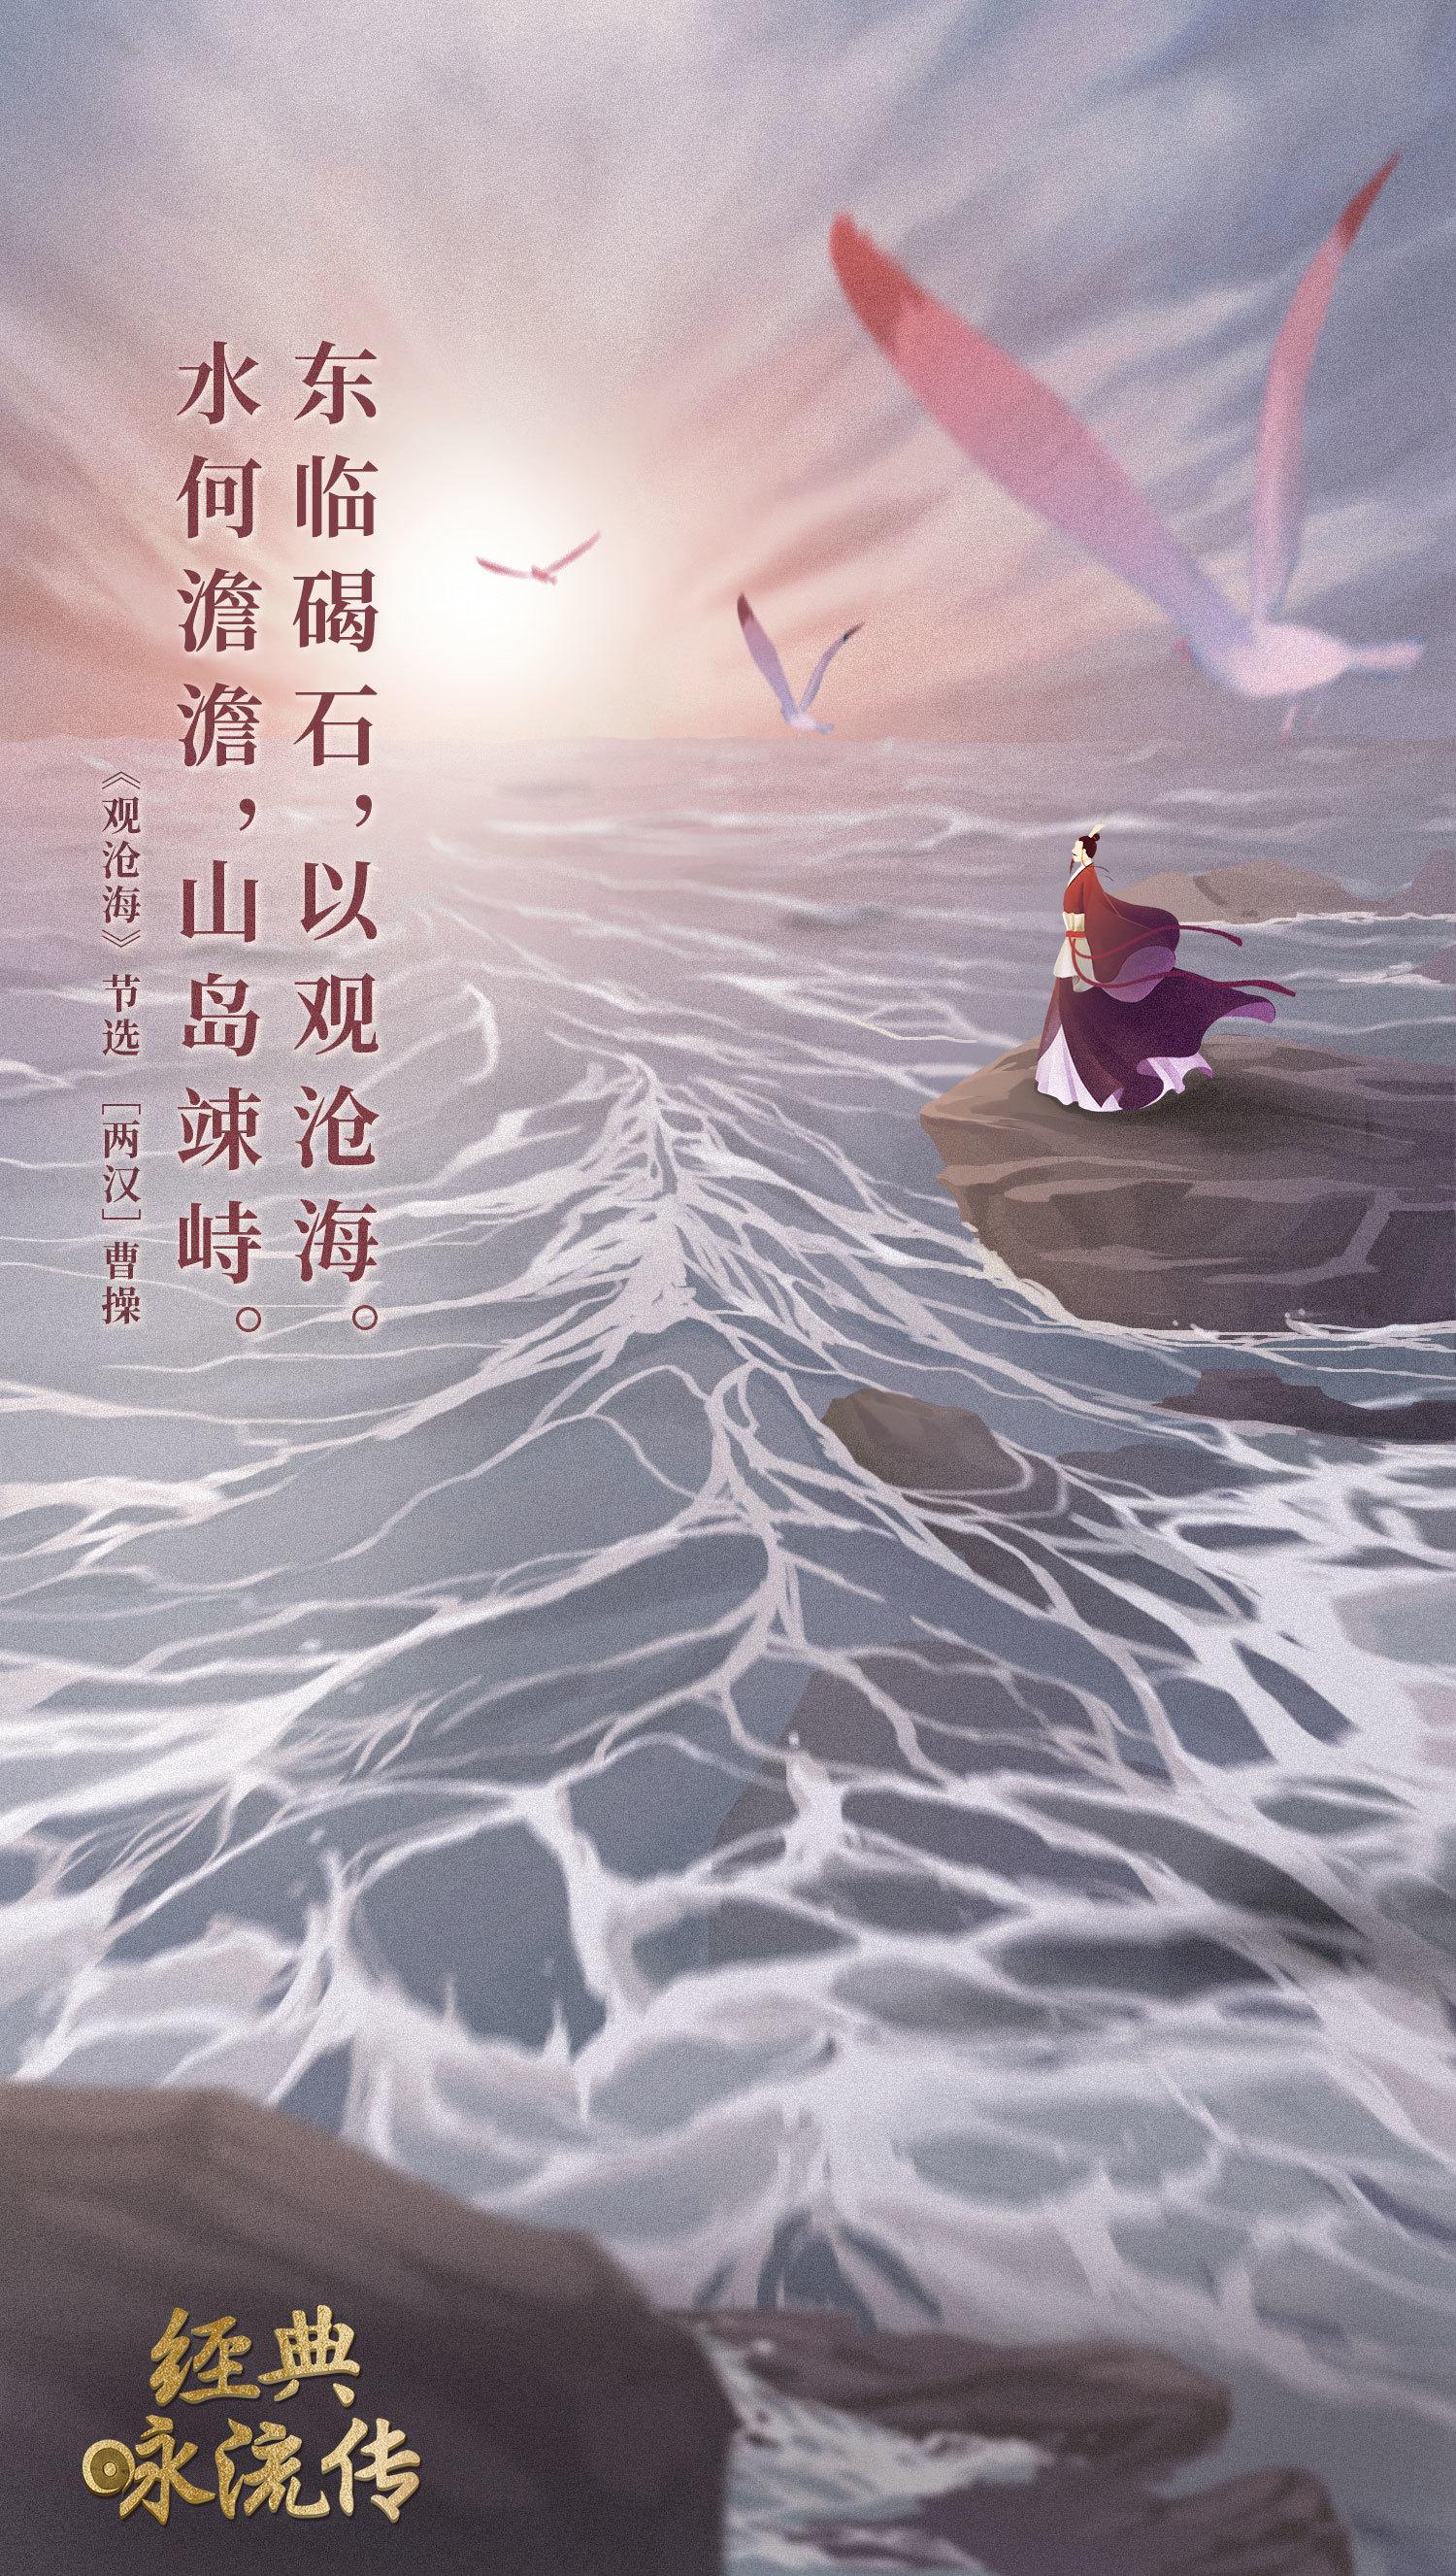 《经典咏流传》诗词意境海报合集 欣赏-第14张